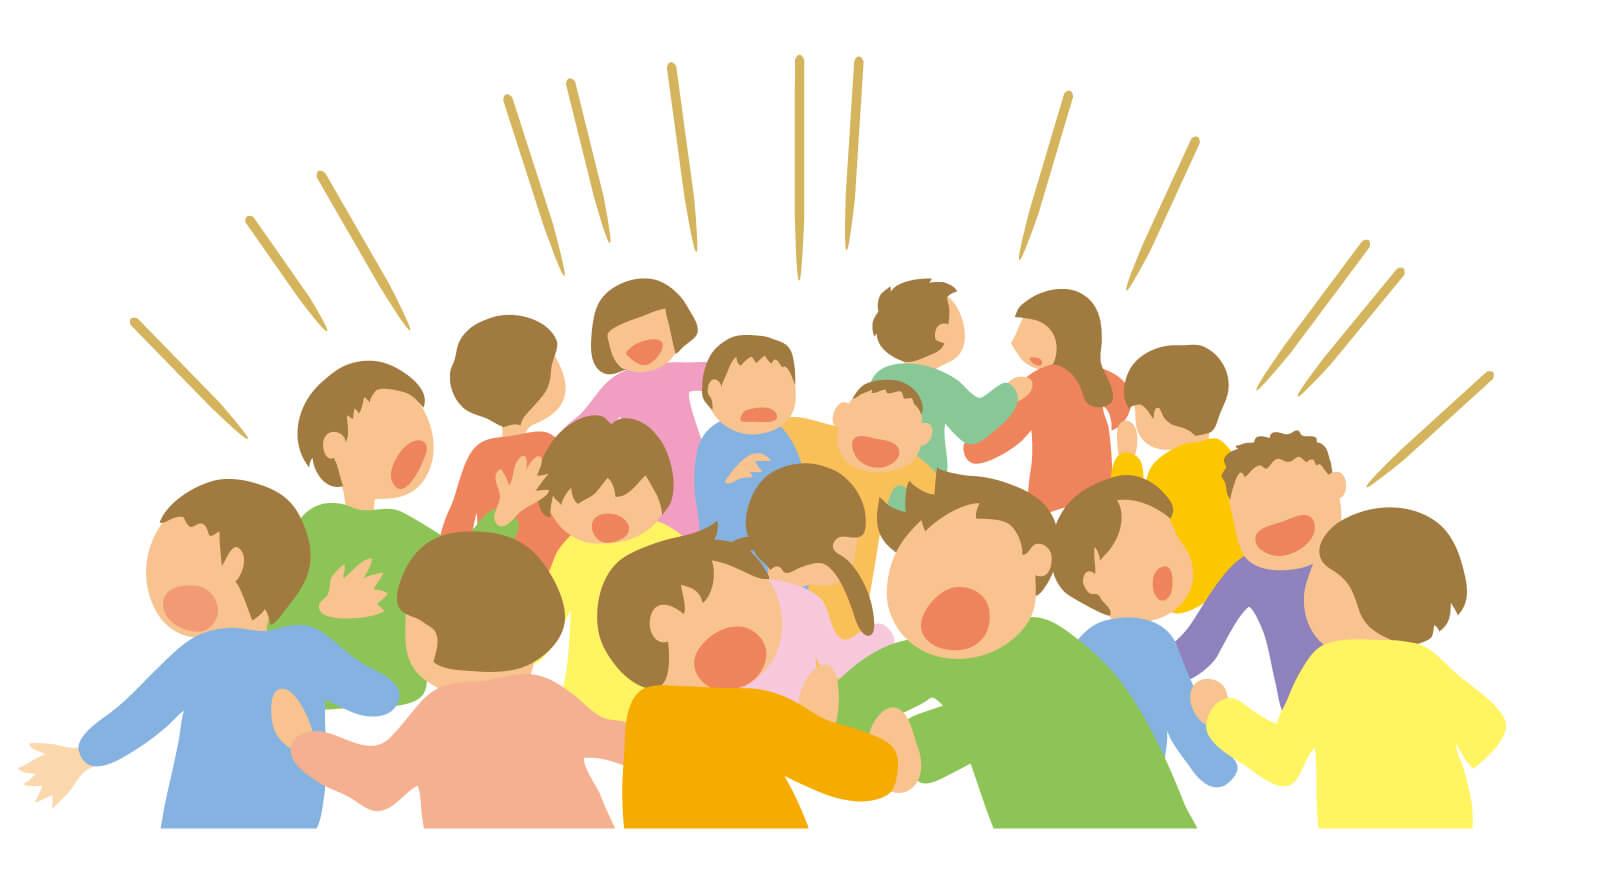 新海誠展(大阪)の混雑状況やチケットをコンビニで購入する方法